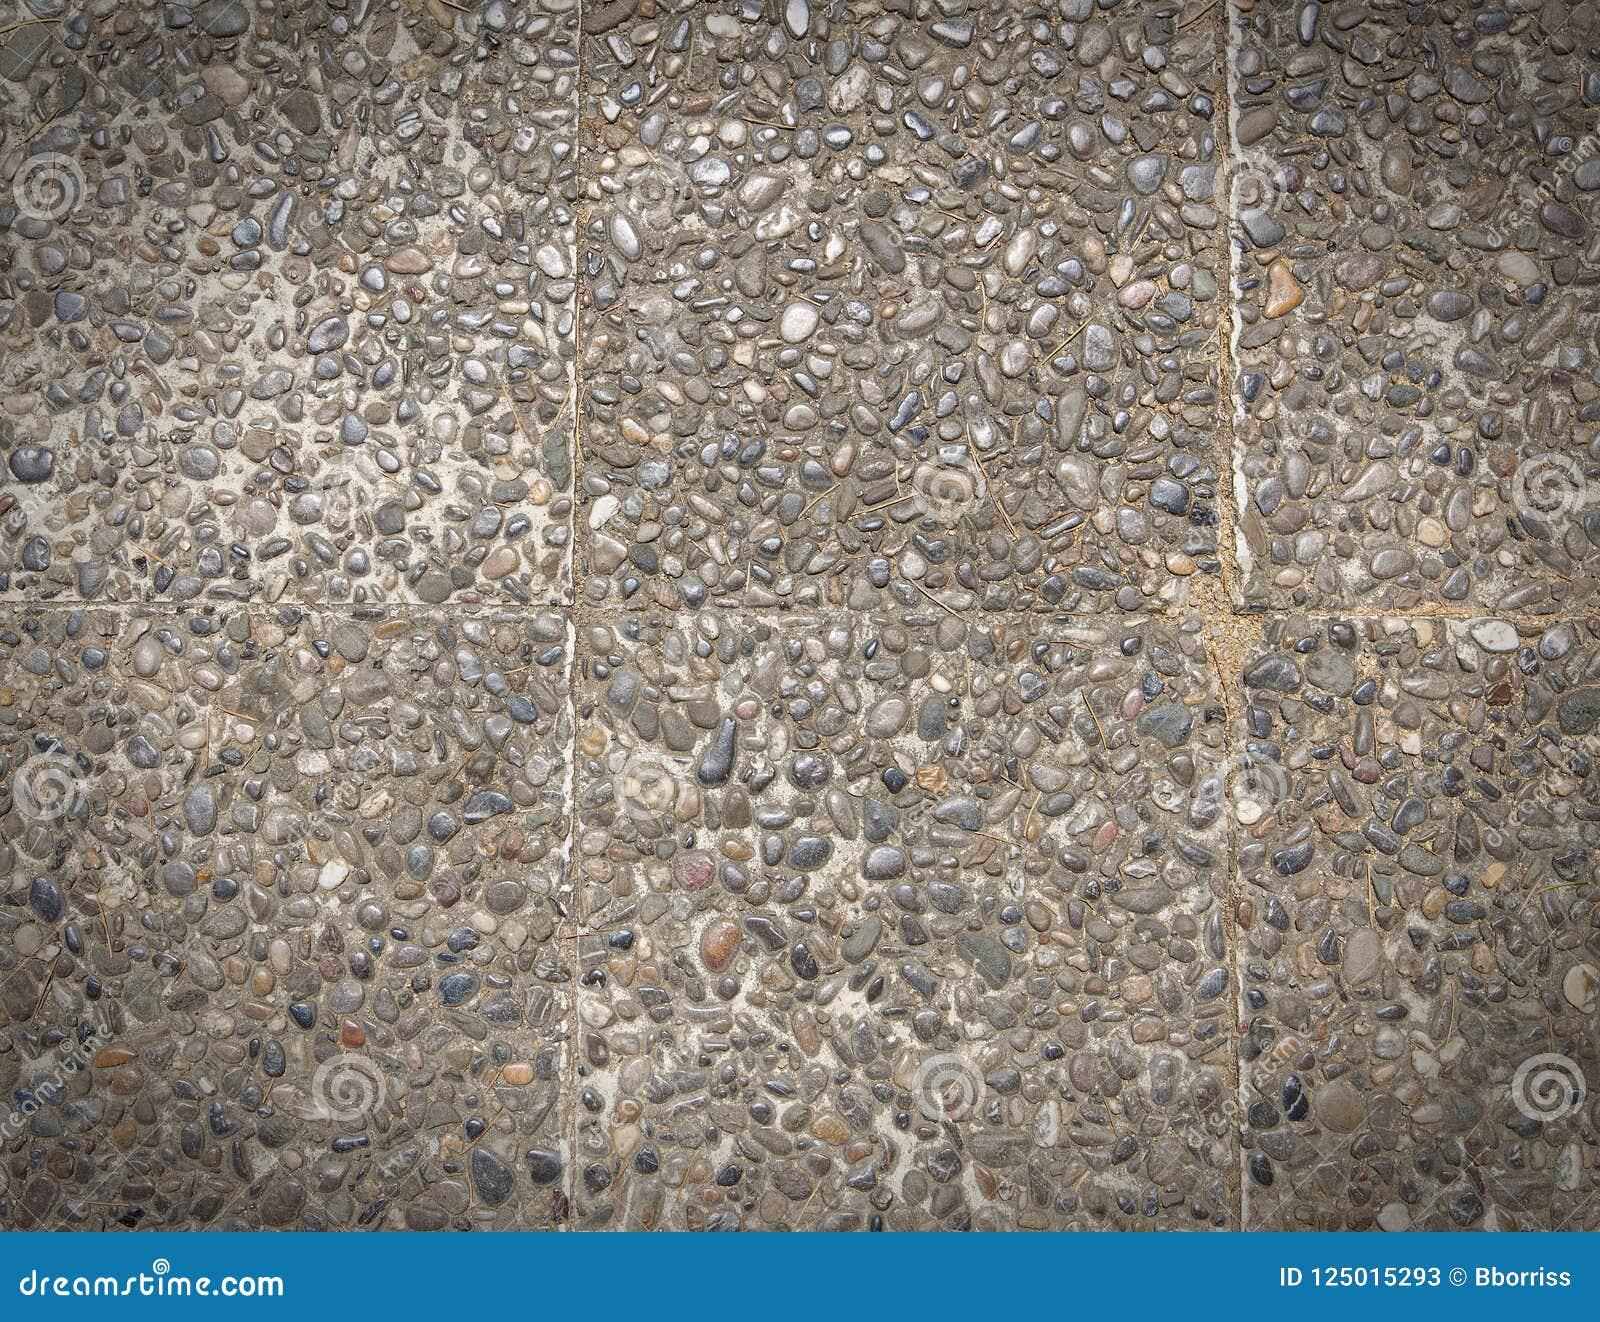 Superficie áspera del final global expuesto, de la textura piso lavado piedra de tierra, hecho de pequeña piedra de la arena en c